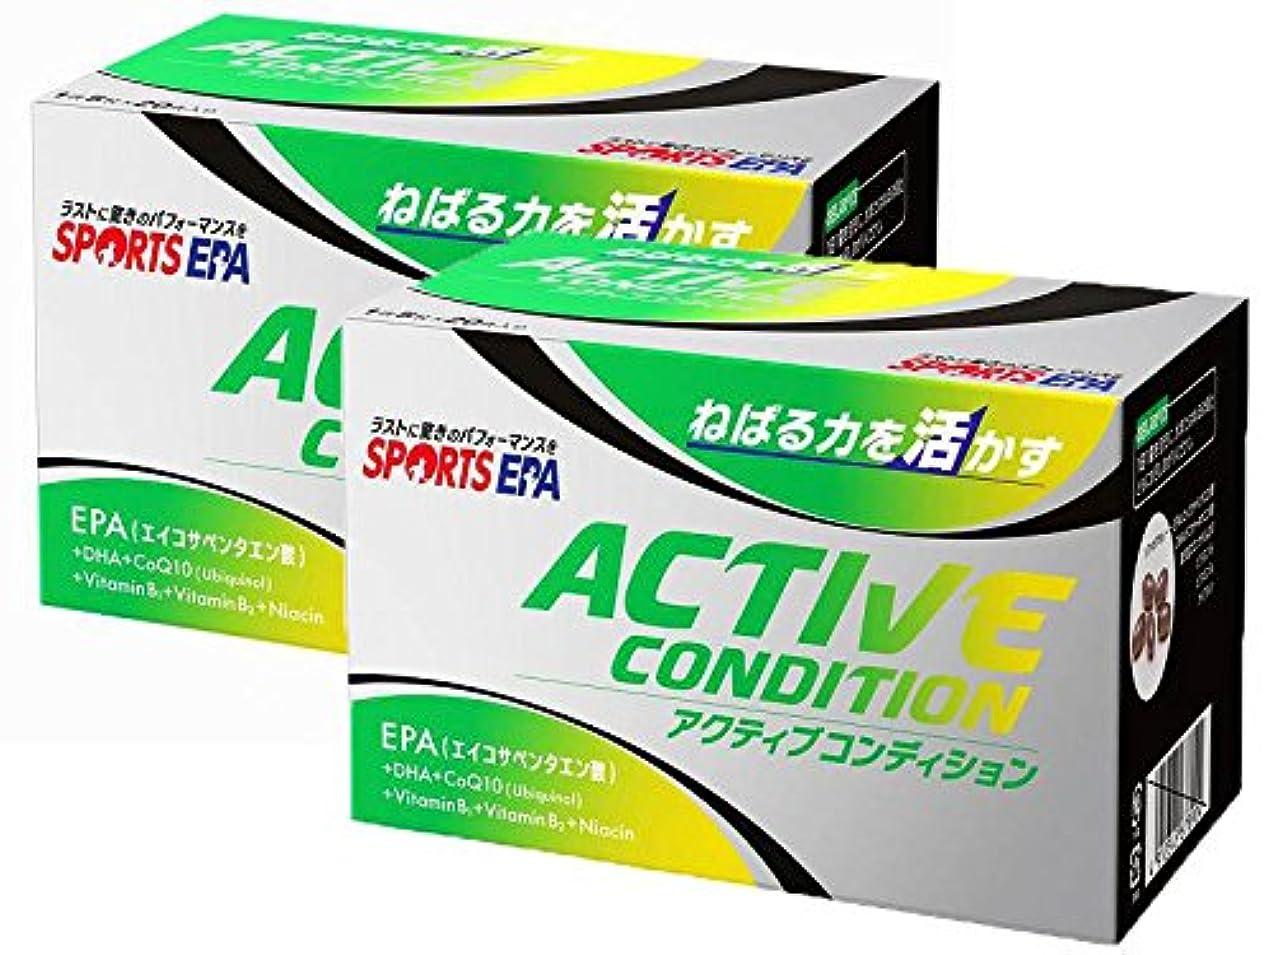 アーティファクト憧れ目立つSPORTS EPA(スポーツEPA) ACTIVE CONDITION(分包) アクティブコンディション 20袋入り×2箱 69083-2SET